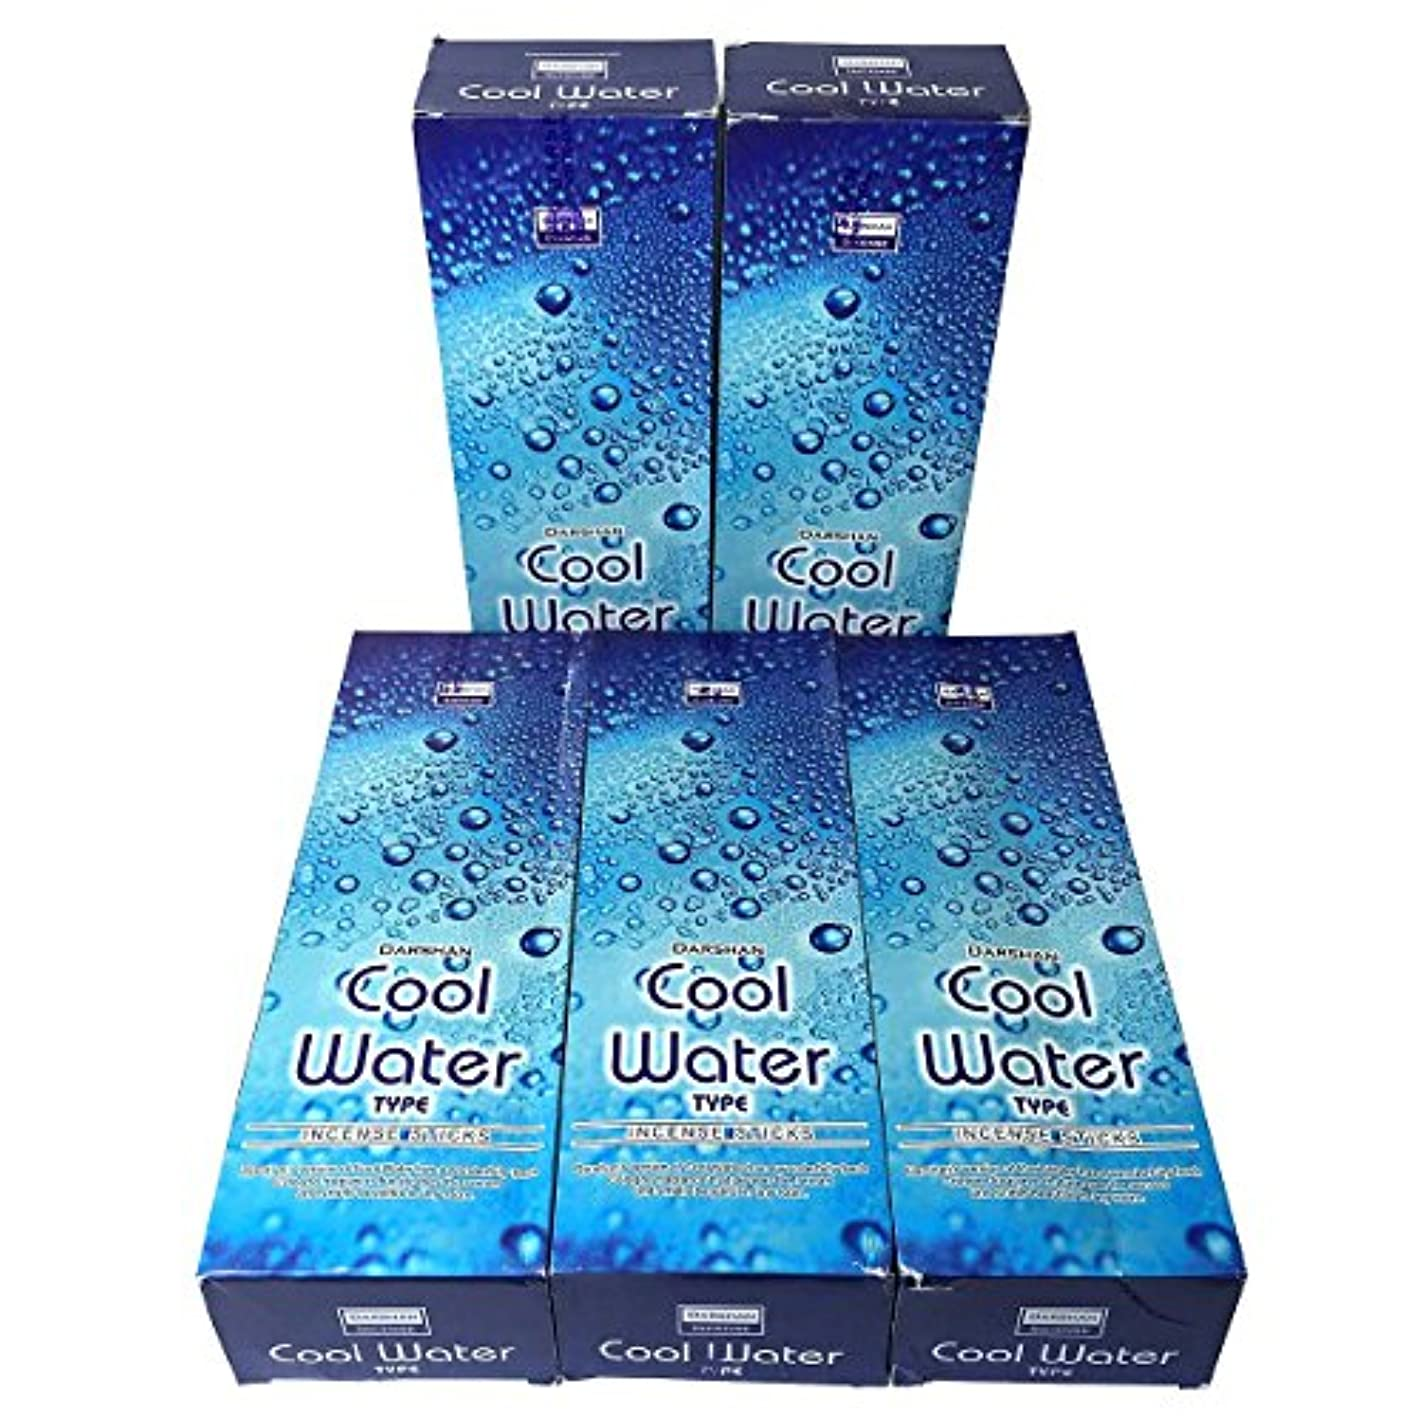 蚊ボット抵抗力があるクールウォーター香スティック 5BOX(30箱)/DARSHAN COOL WATER/ インド香 / 送料無料 [並行輸入品]